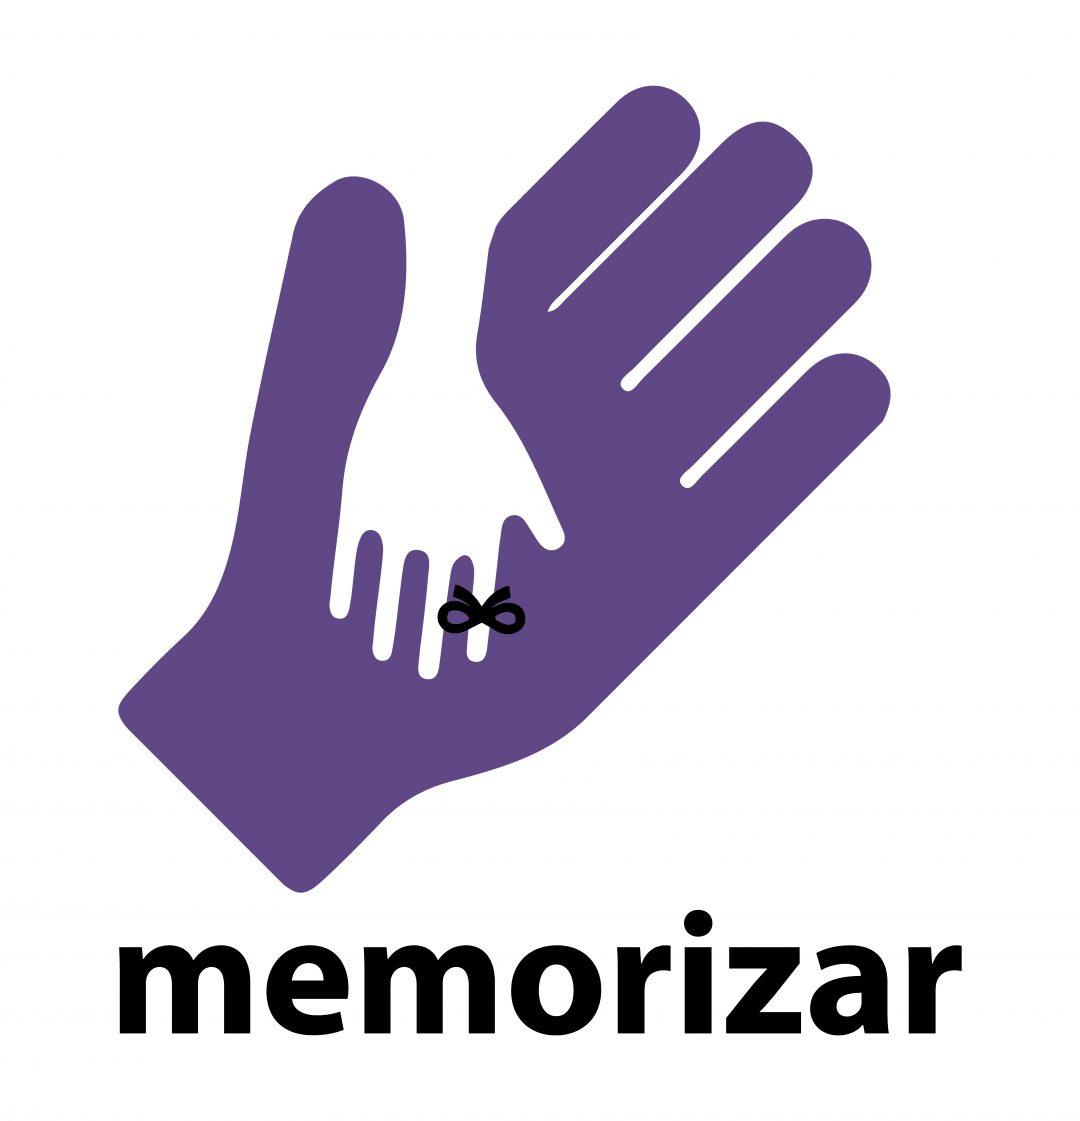 Memorizar